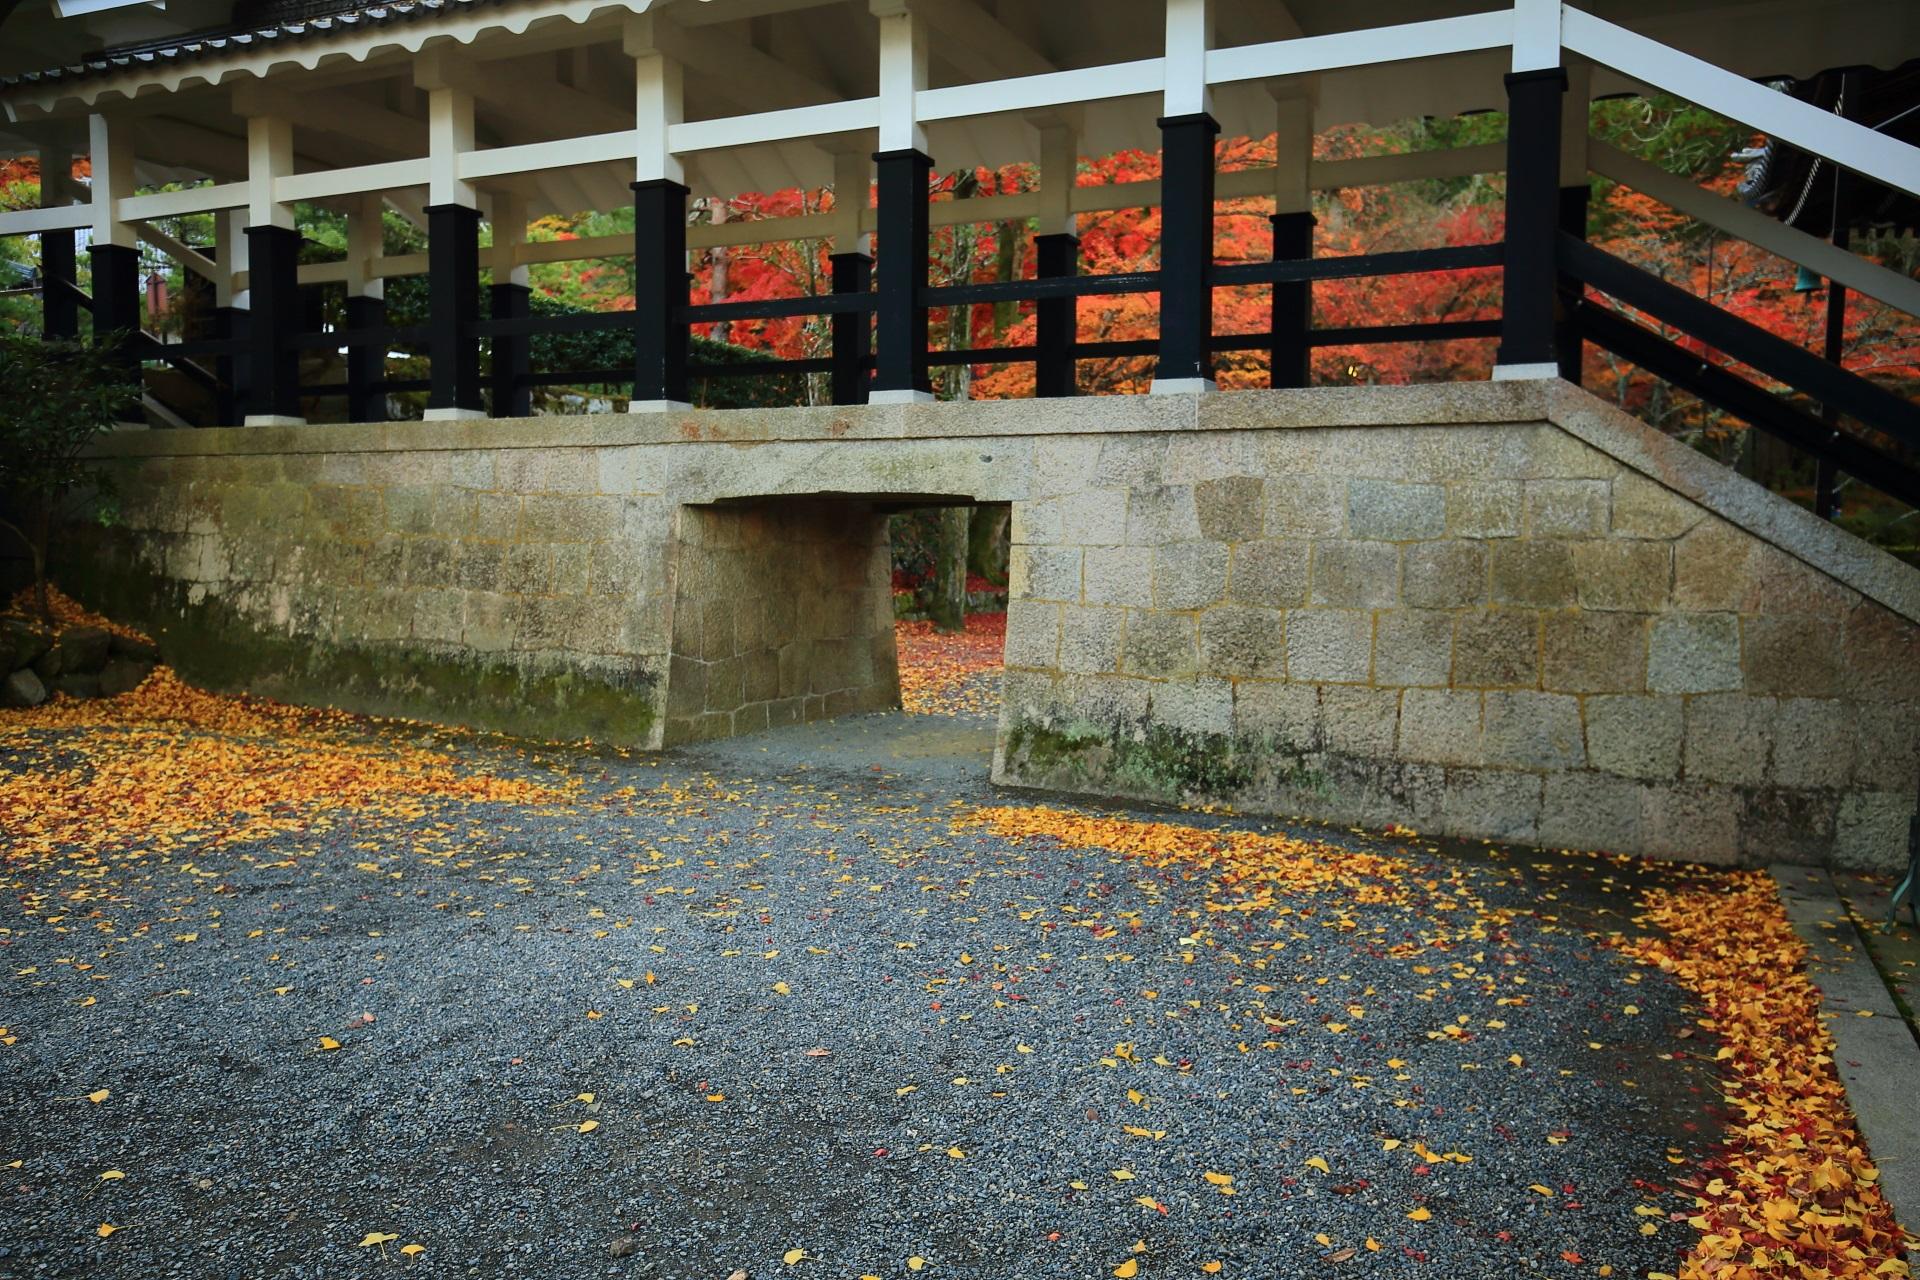 南禅寺の回廊の白と黒の柱に映える色とりどりの鮮やかな紅葉